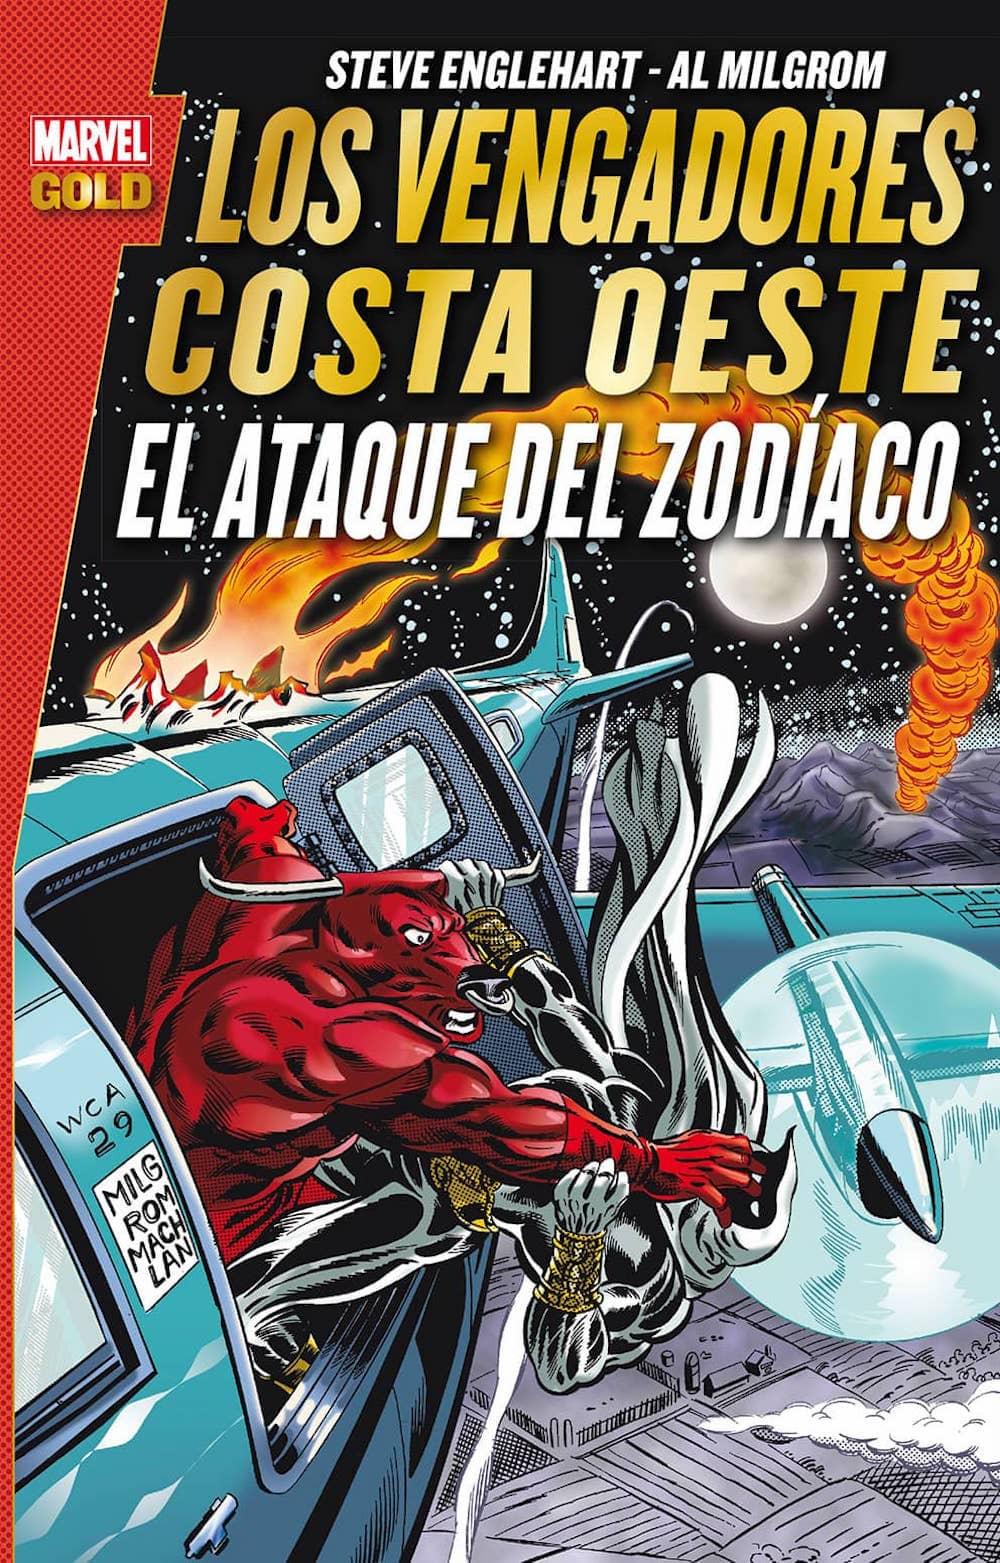 LOS VENGADORES COSTA OESTE. EL ATAQUE DEL ZODIACO  (MARVEL GOLD)